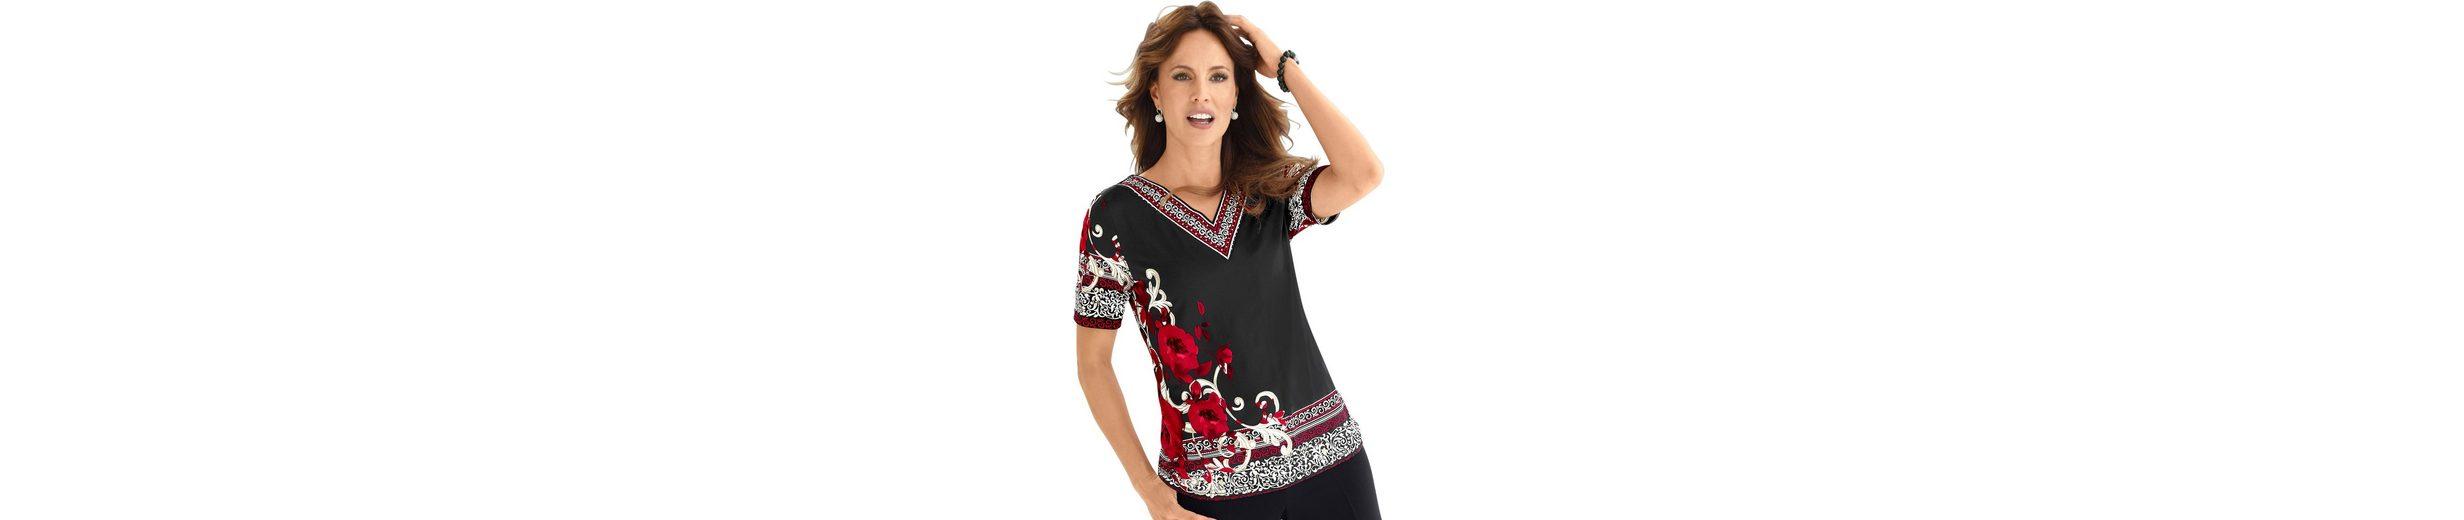 Lady Shirt mit Blütenranken bedruckt Steckdose Mit Paypal Um ieVsVZgy